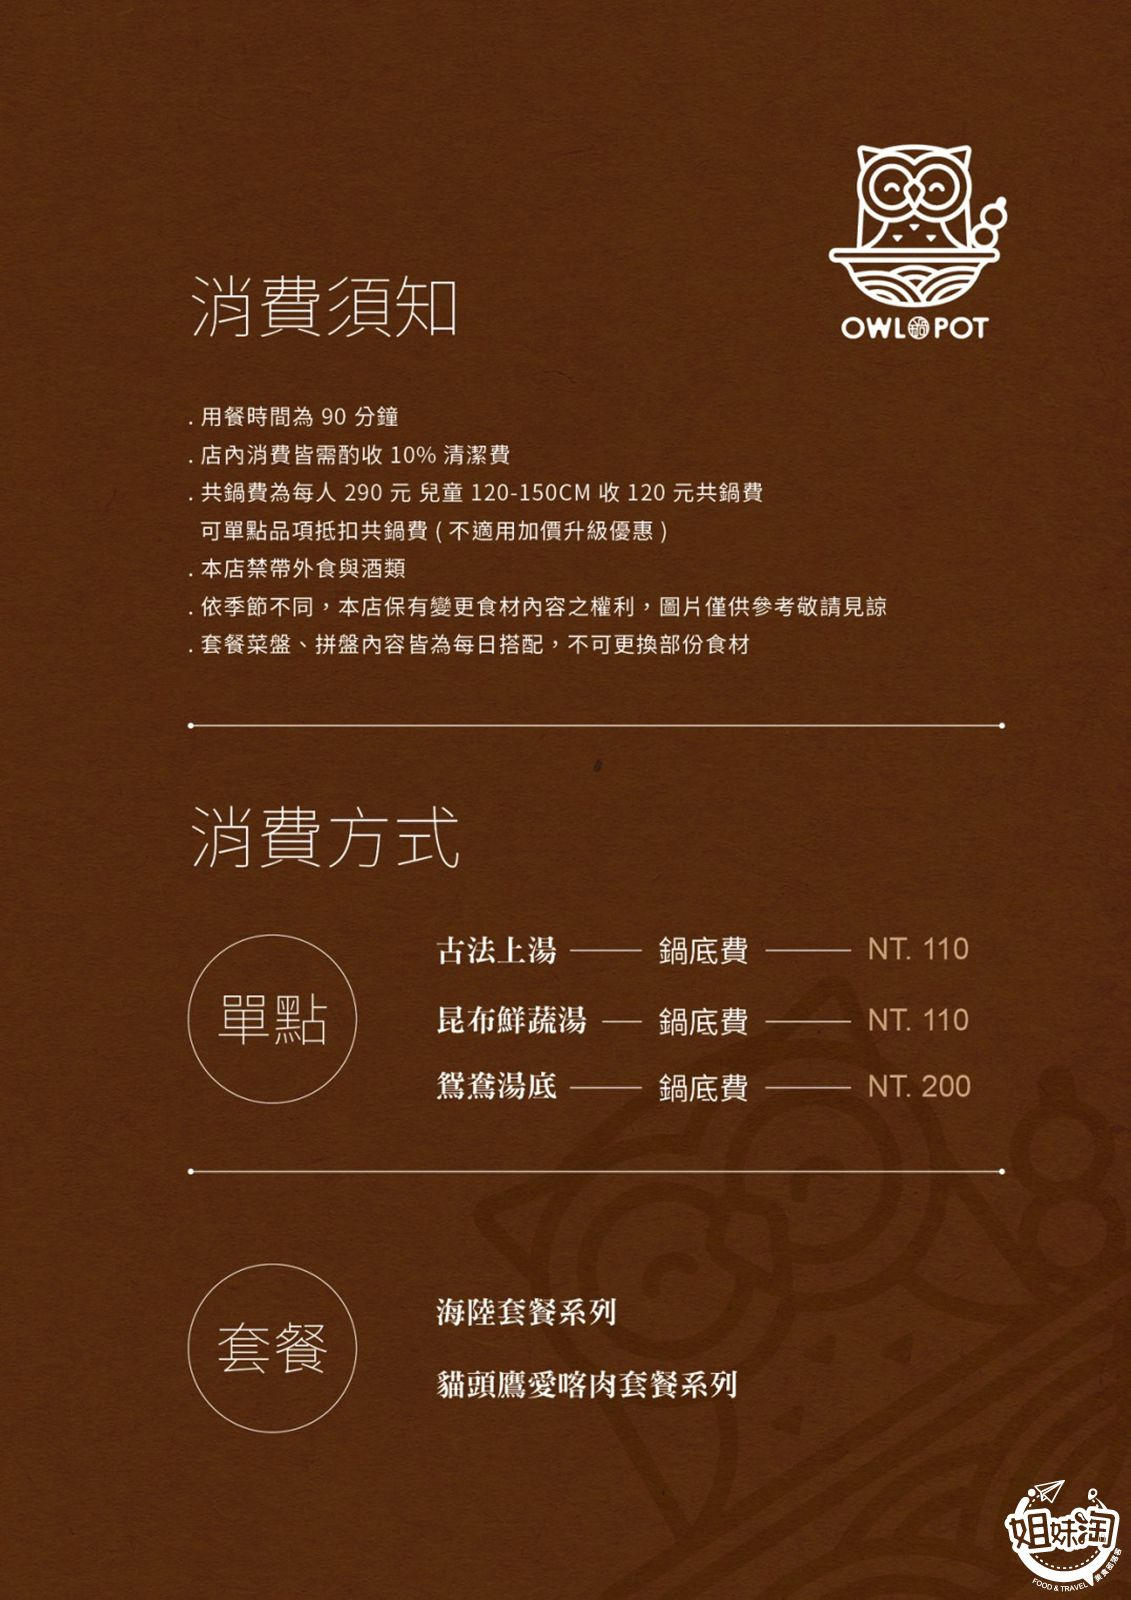 火鍋 雞湯 高雄 美食 推薦 貓頭鷹鍋物 鳳山區 獨家